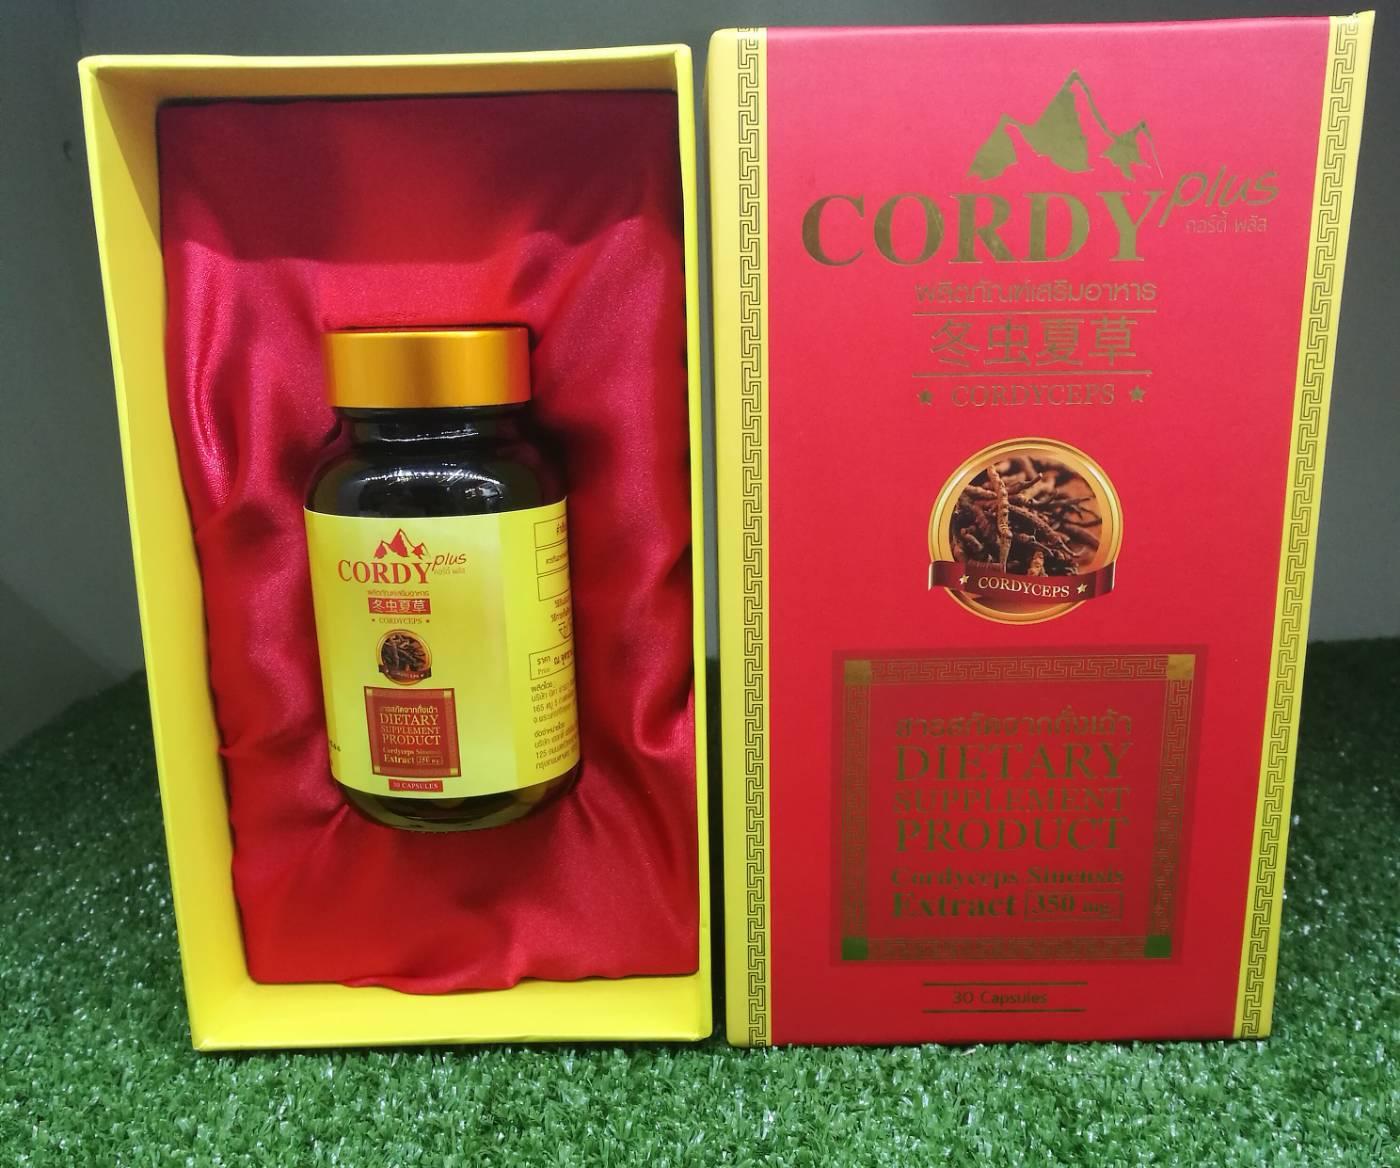 Cordy Plus (1 กล่อง) ถั่งเฉ้าแท้ ทิเบต สมุนไพรจักรพรรดิ ช่วยบำรุงร่างกาย 30เม็ด